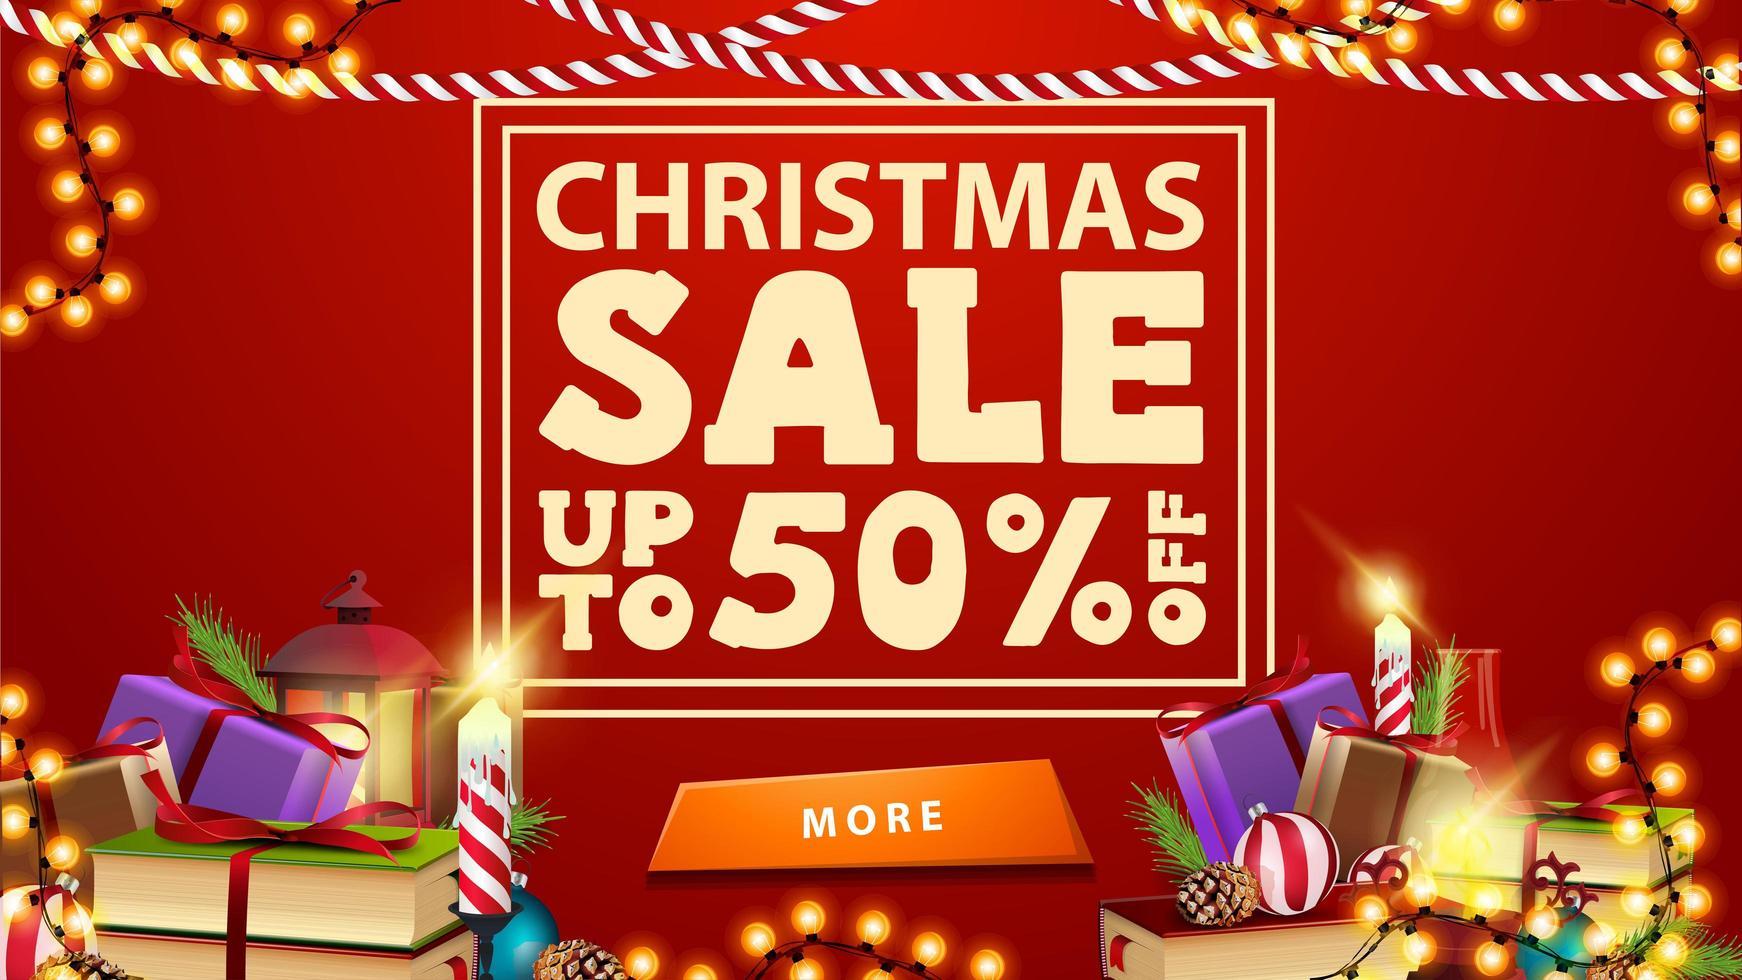 vente de Noël, jusqu'à 50 rabais, bannière de réduction rouge avec guirlande, bouton et cadeaux. vecteur